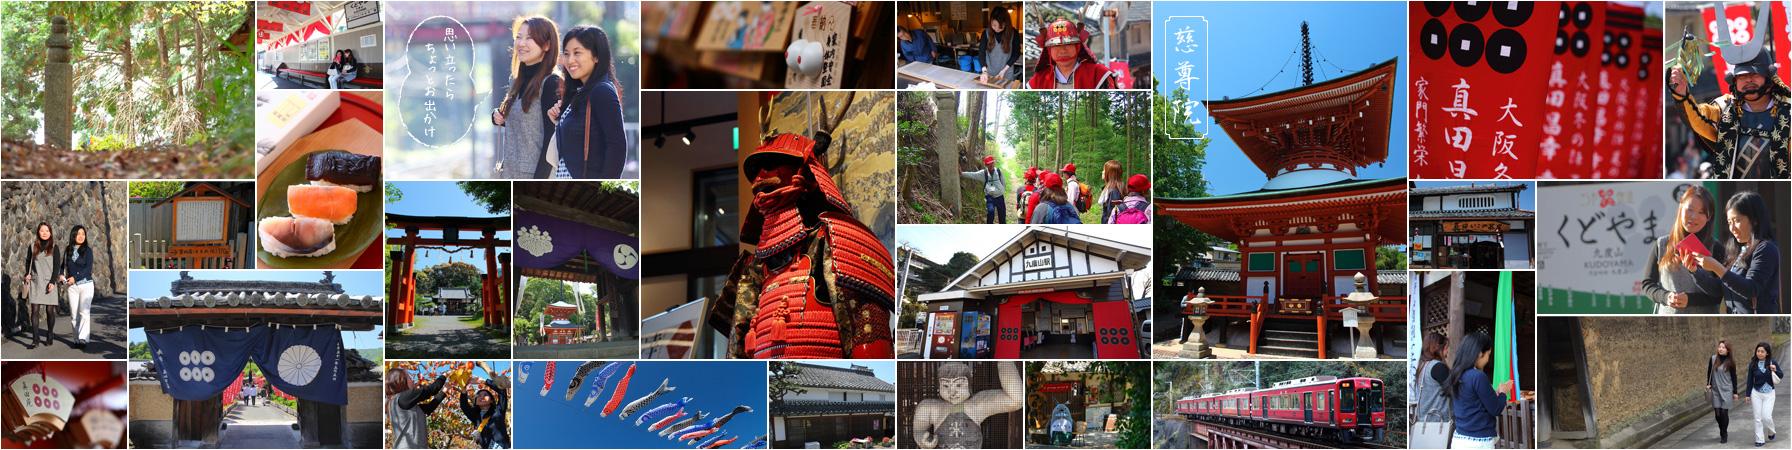 ふるさとパレットに和歌山県九度山町が参加しました